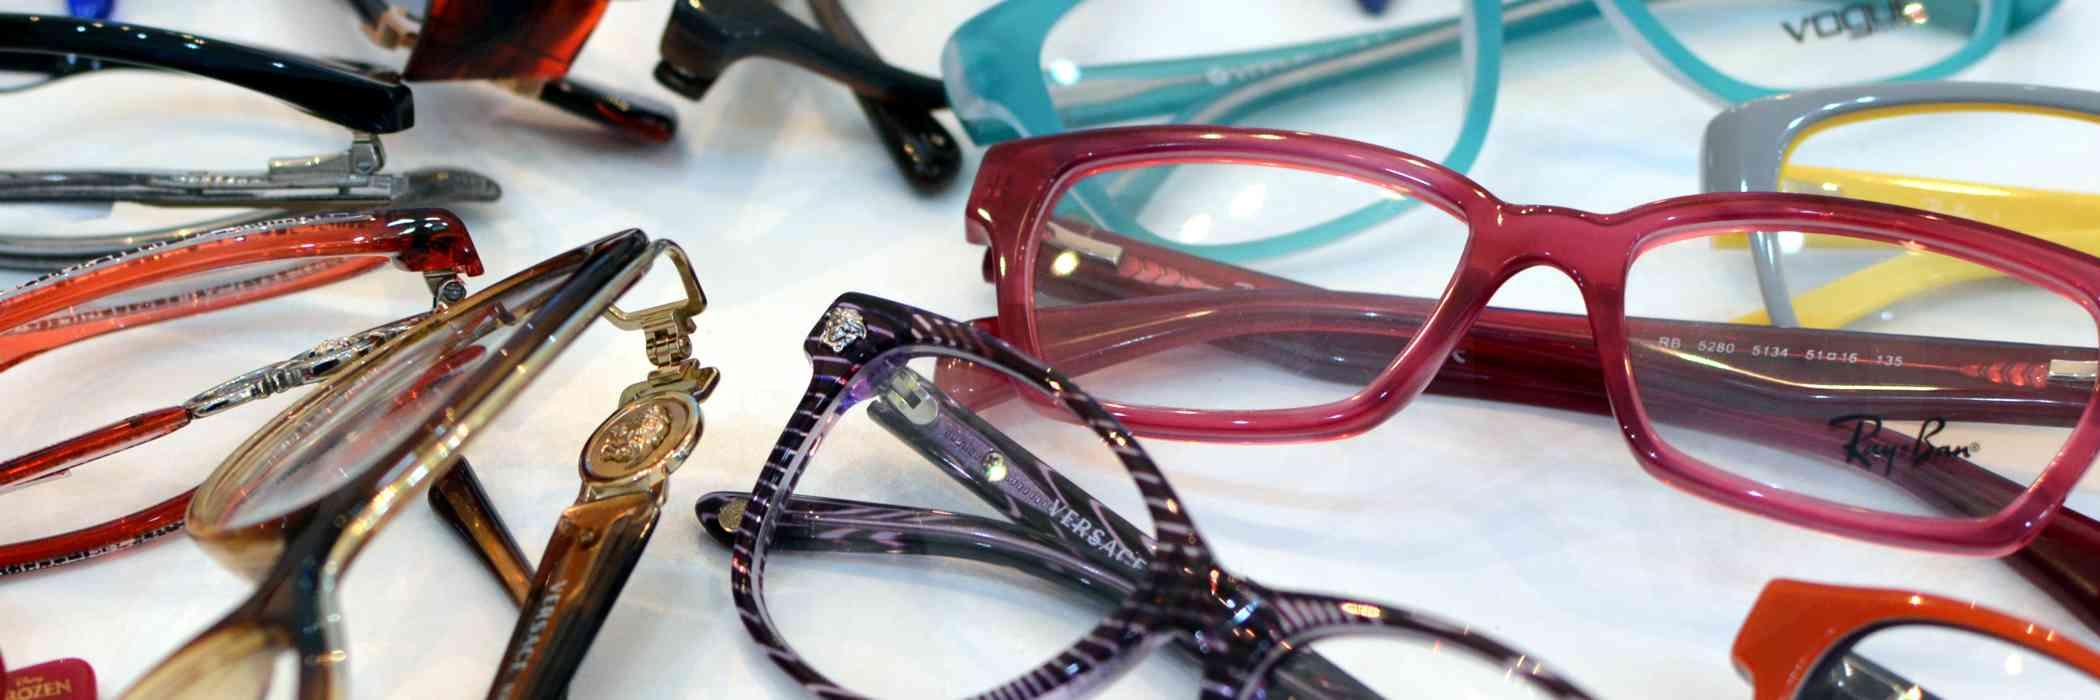 Optical De Wand 1020 Laeken: lunettes lentilles de contact opticien hommes femmes enfants bebes Bruxelles